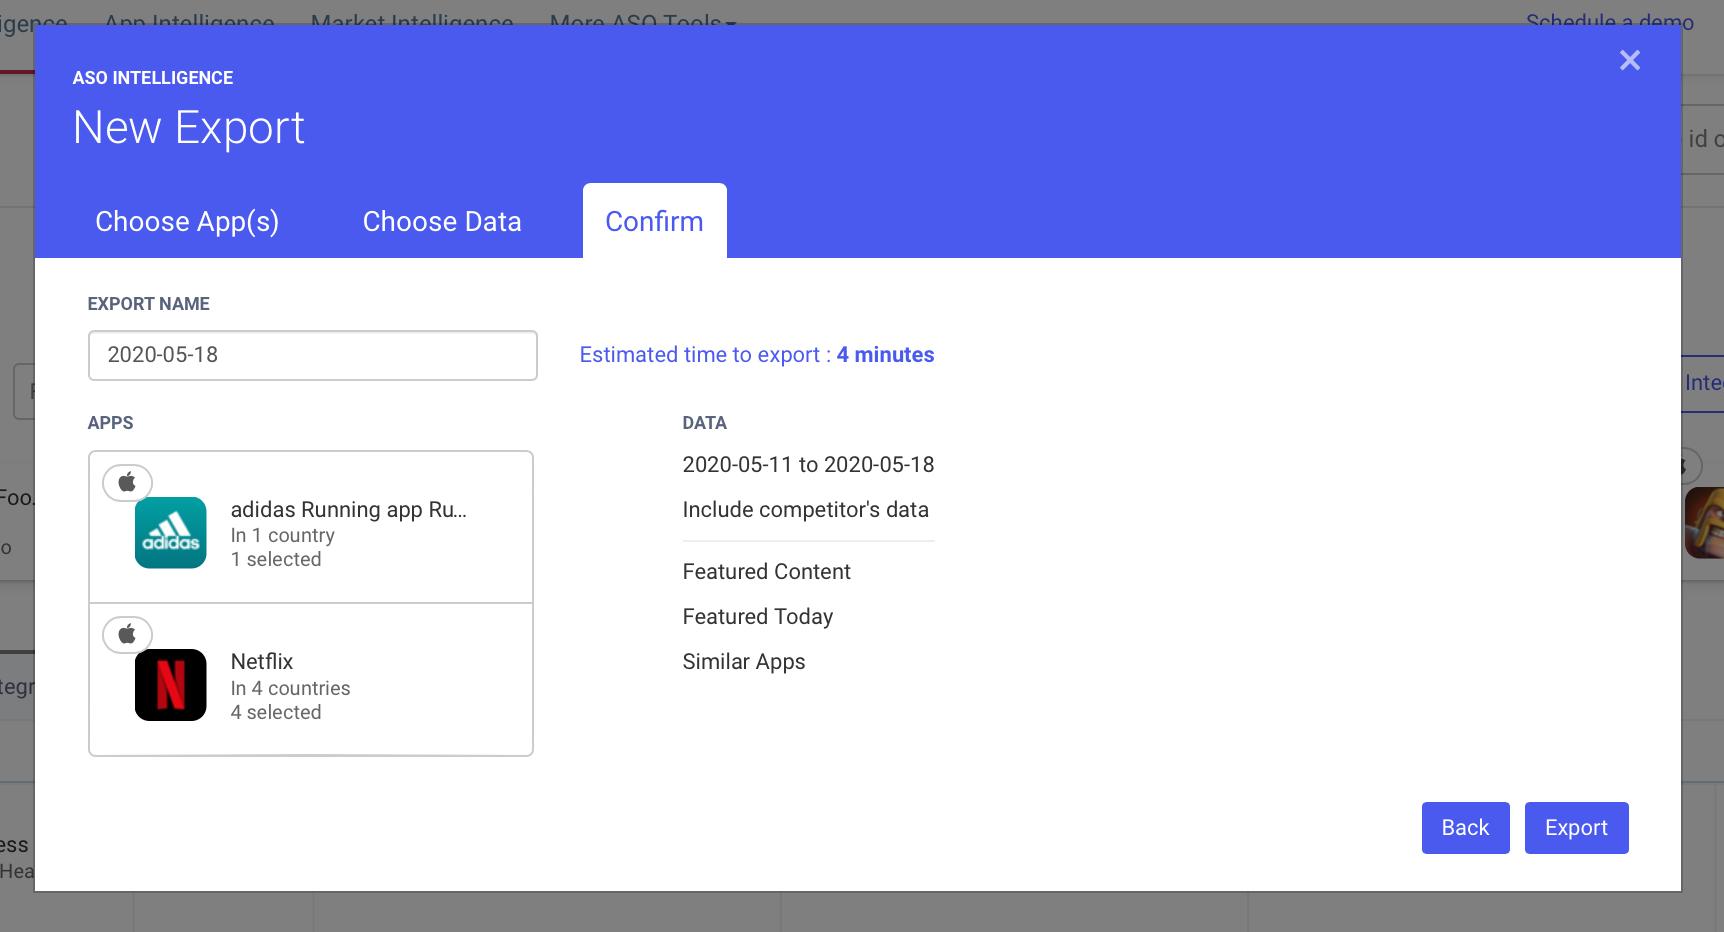 AppTweak ASO Tool: Export from dashboard pop-up confirm